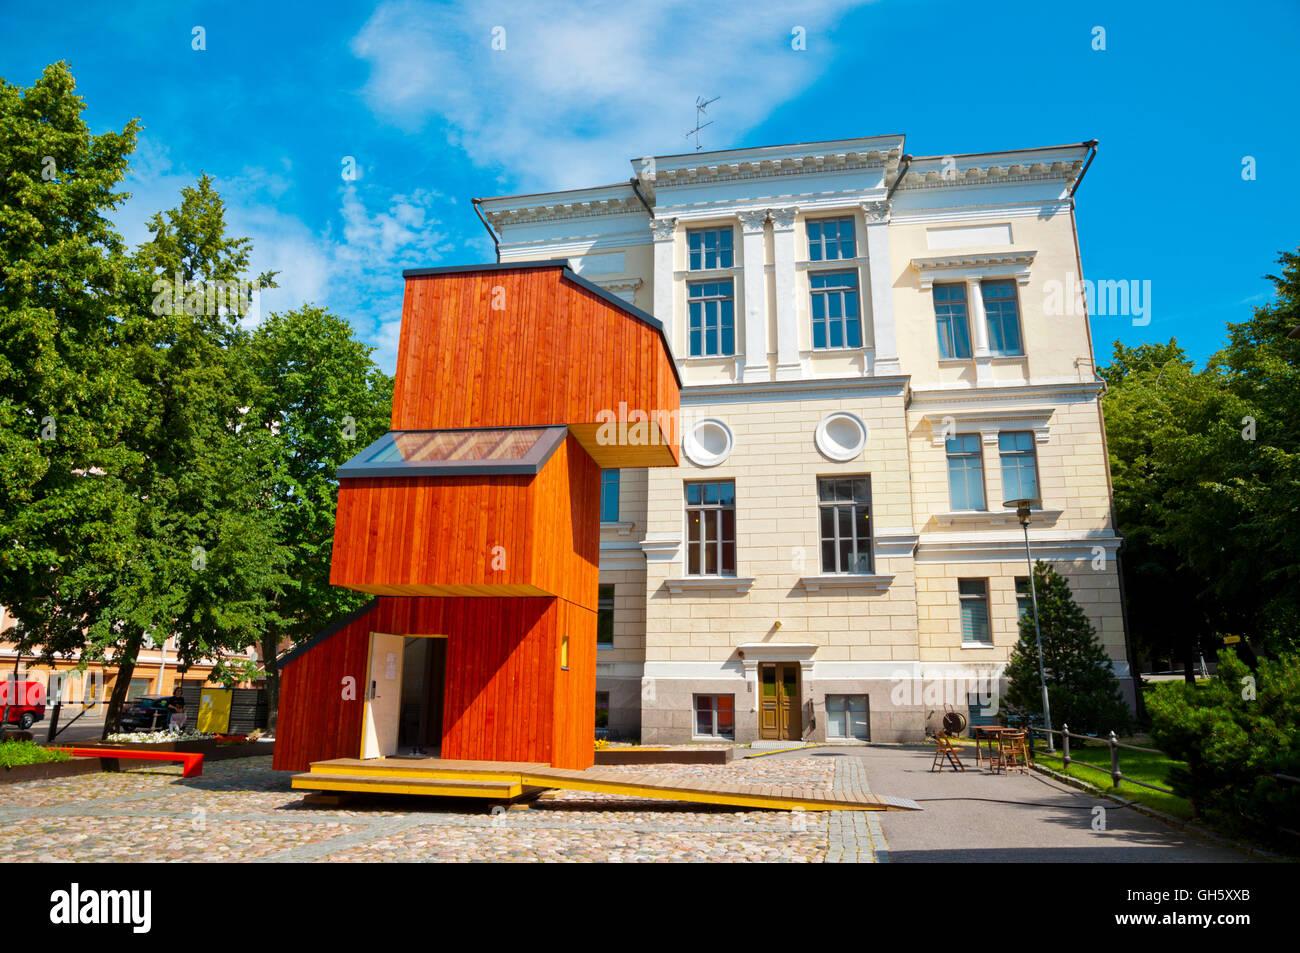 La Suomen arkkitehtuurimuseo, Museo di architettura finlandese, con legno edificio KoKoon, Helsinki, Finlandia Immagini Stock